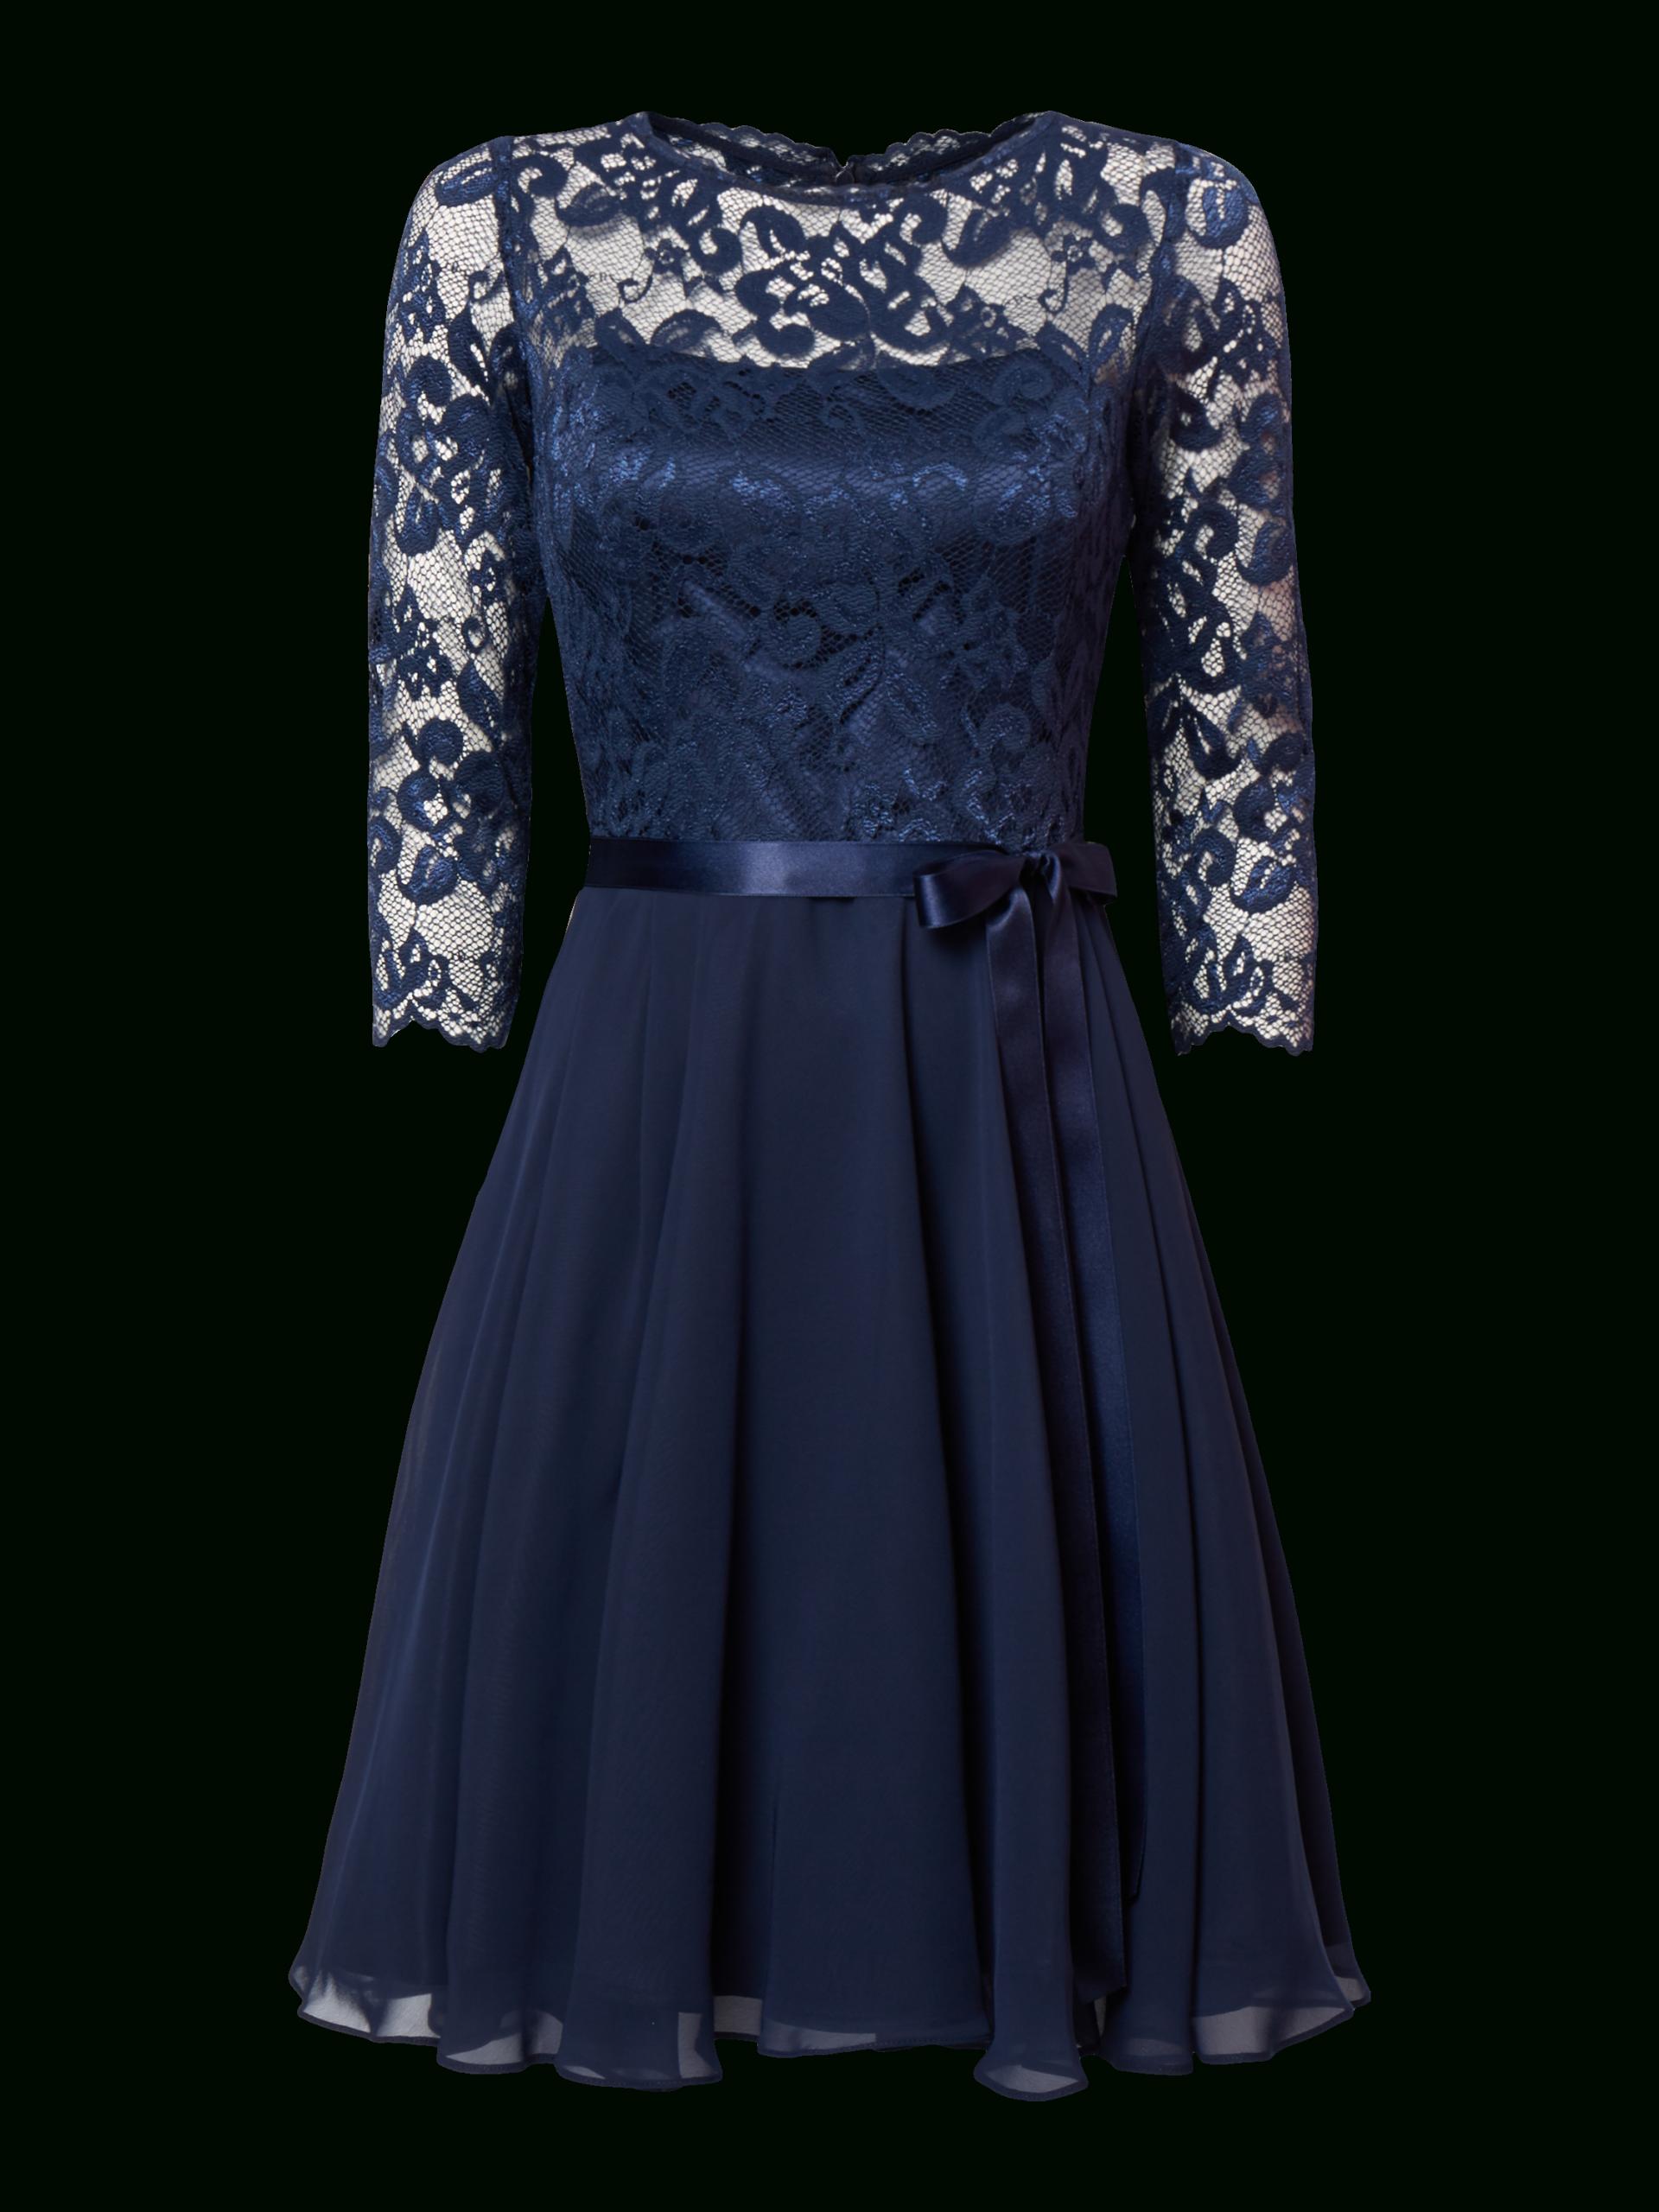 17 Luxus P&C Ulm Abendkleider für 2019Abend Schön P&C Ulm Abendkleider Galerie